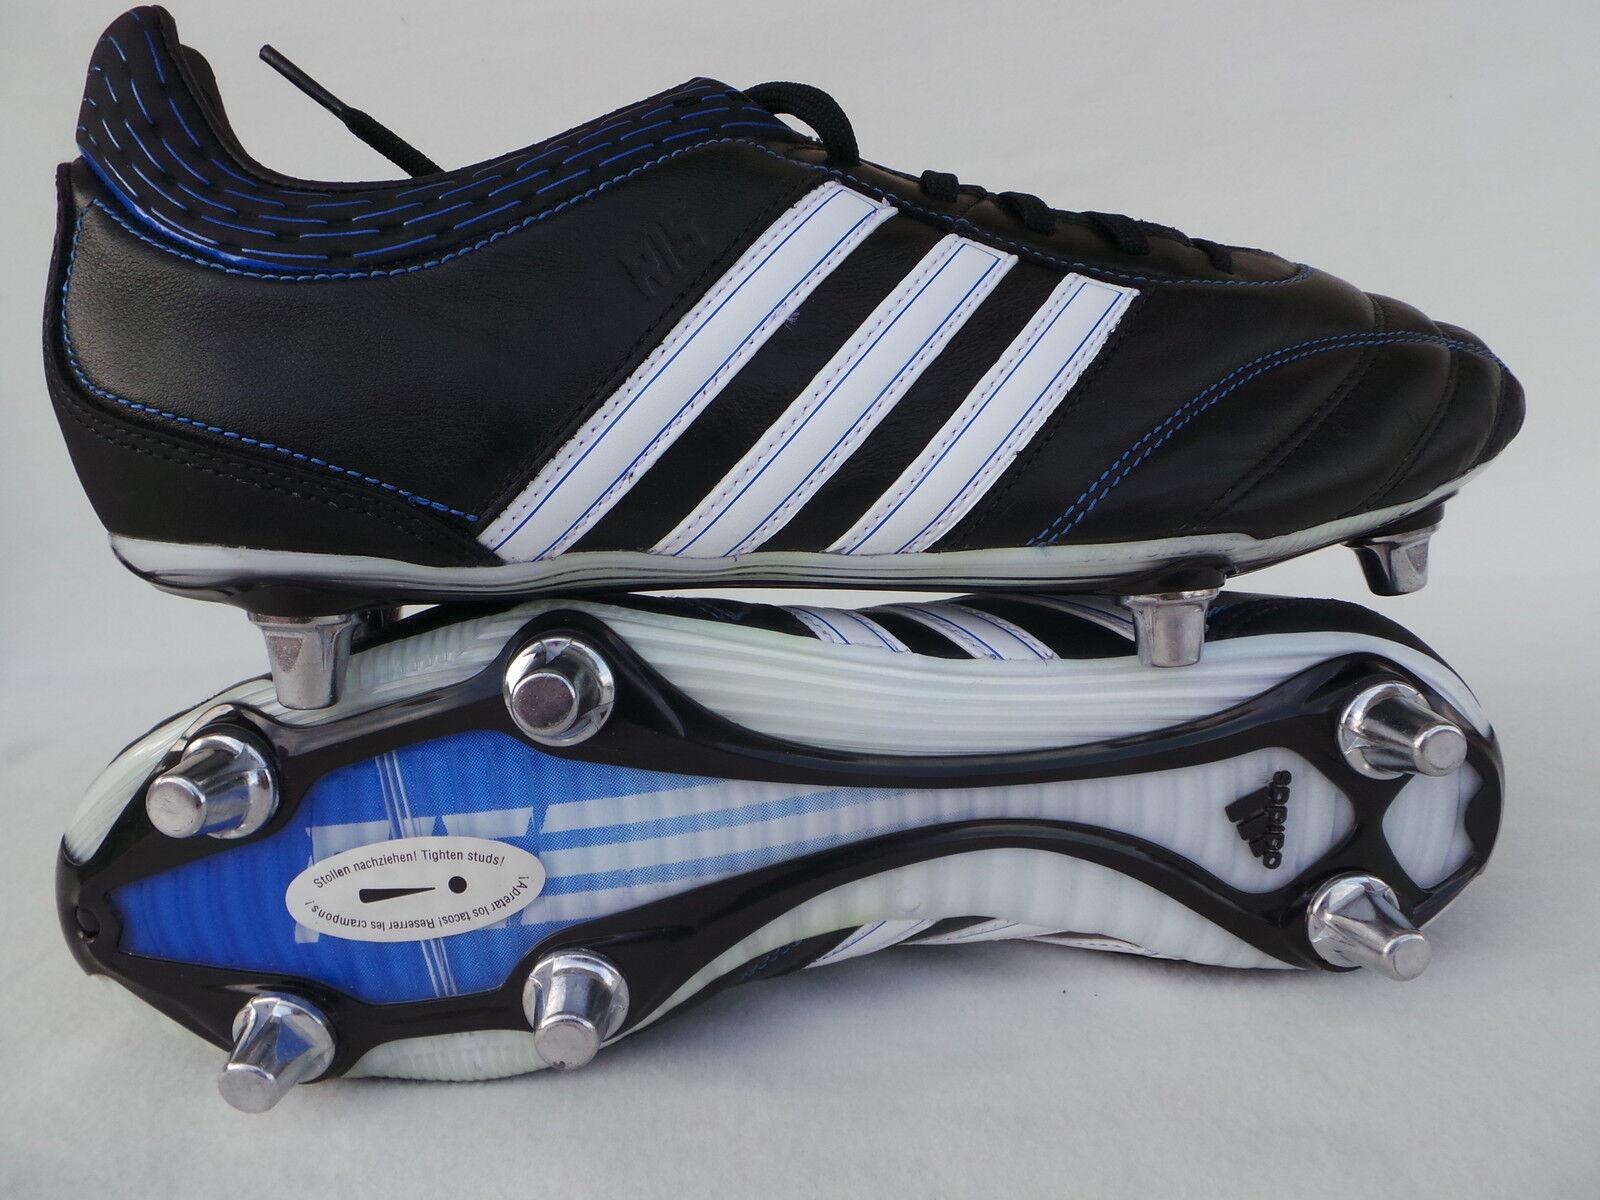 Adidas R15 Sg 2 schuhe da Calcio Rugby schuhe Bianco schwarz Erl 45 1 3 48